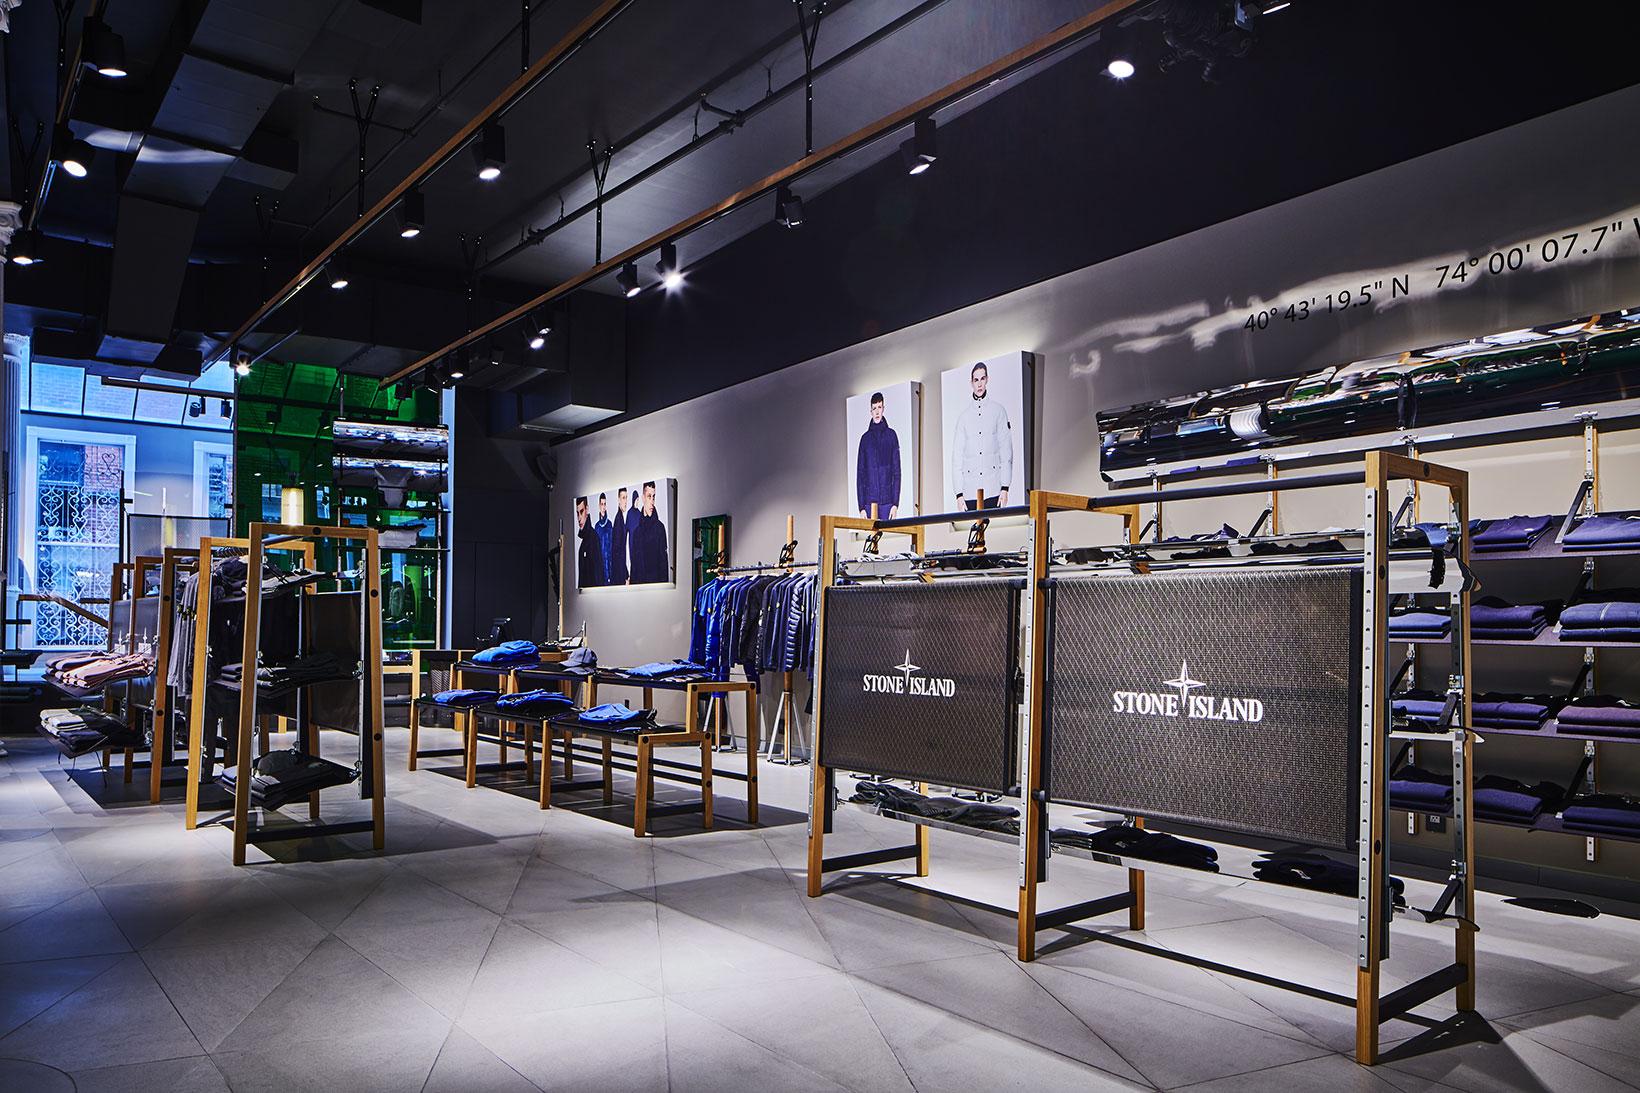 Stone Island NYC Flagship Store Soho Location